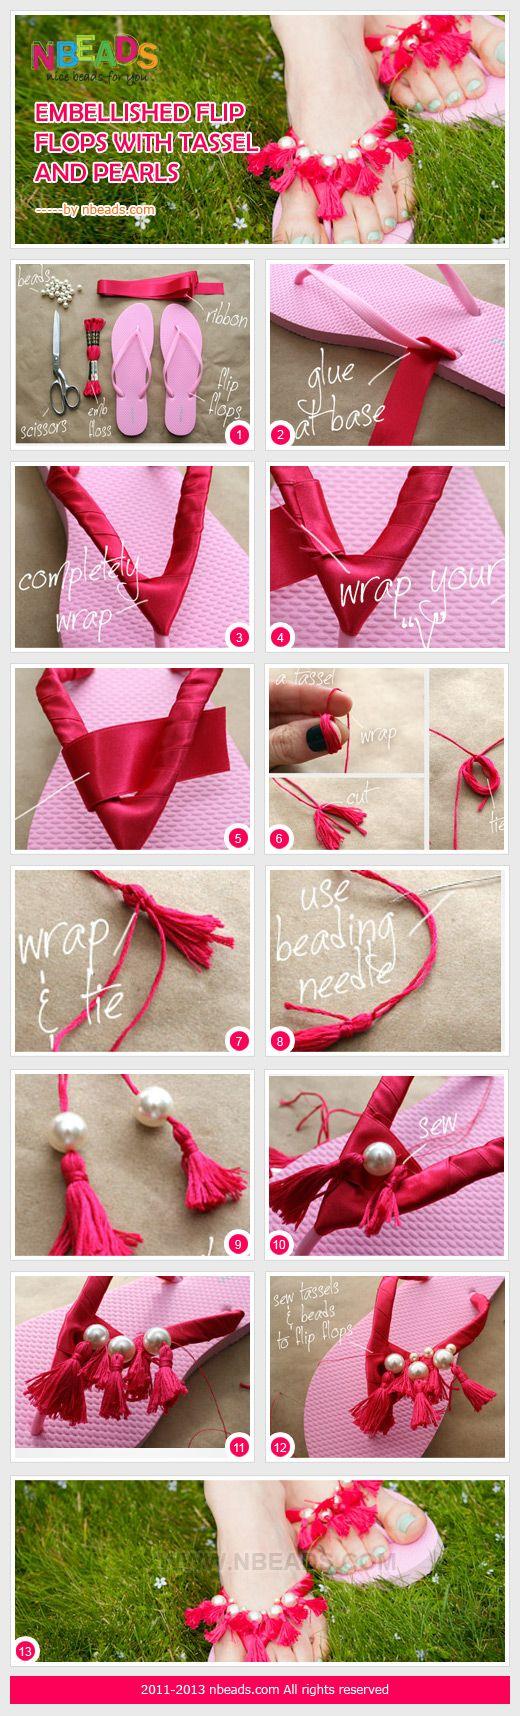 Faça Você Mesmo - Customização de chinelos usando linhas, fitas e pérolas